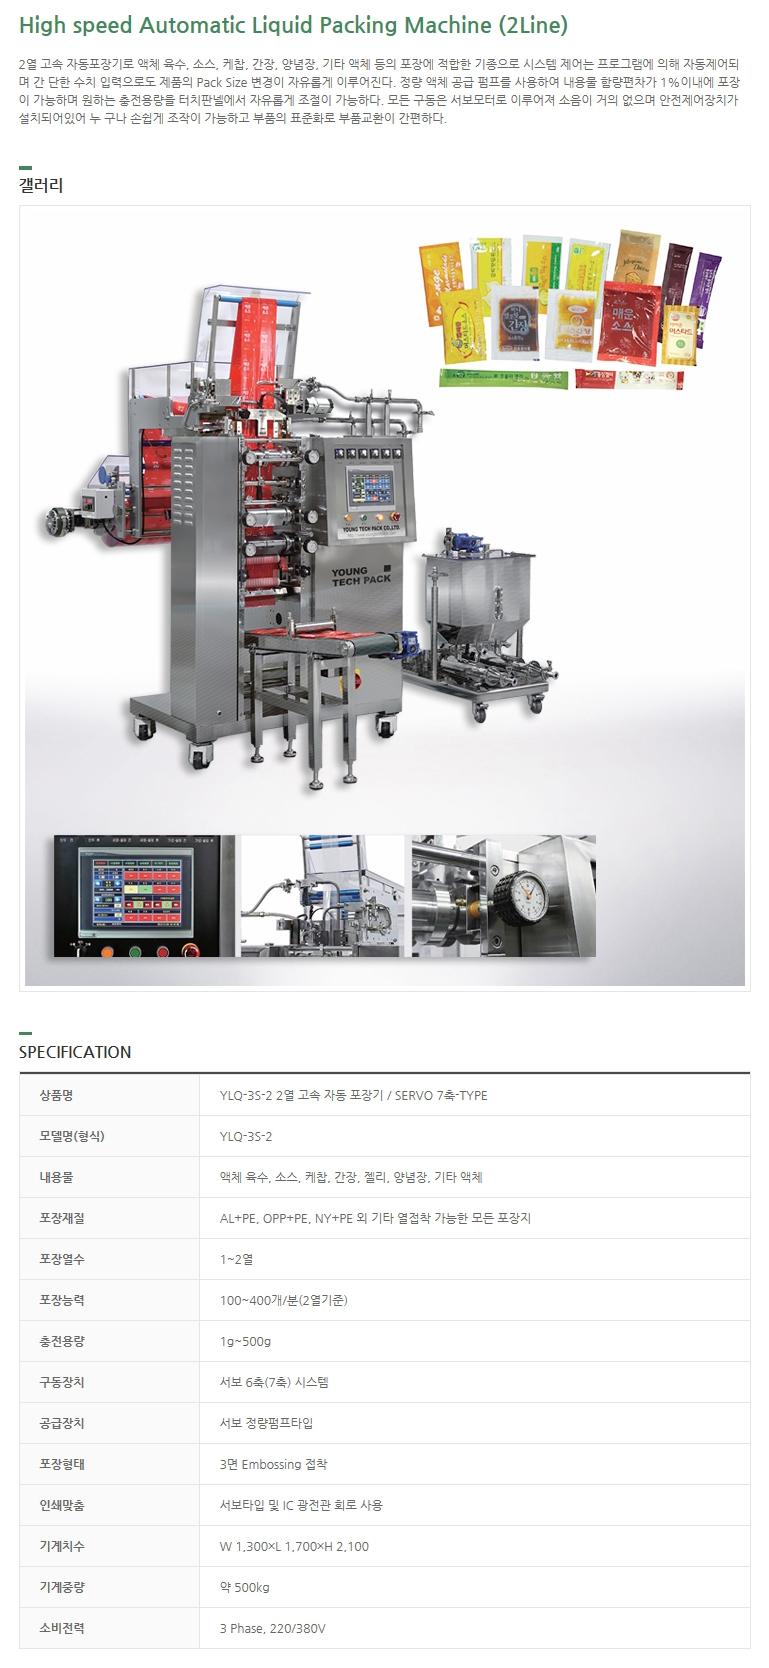 (주)영테크팩 2열 고속 자동 포장기 (Servo 7축-Type) YLQ-3S-2 1